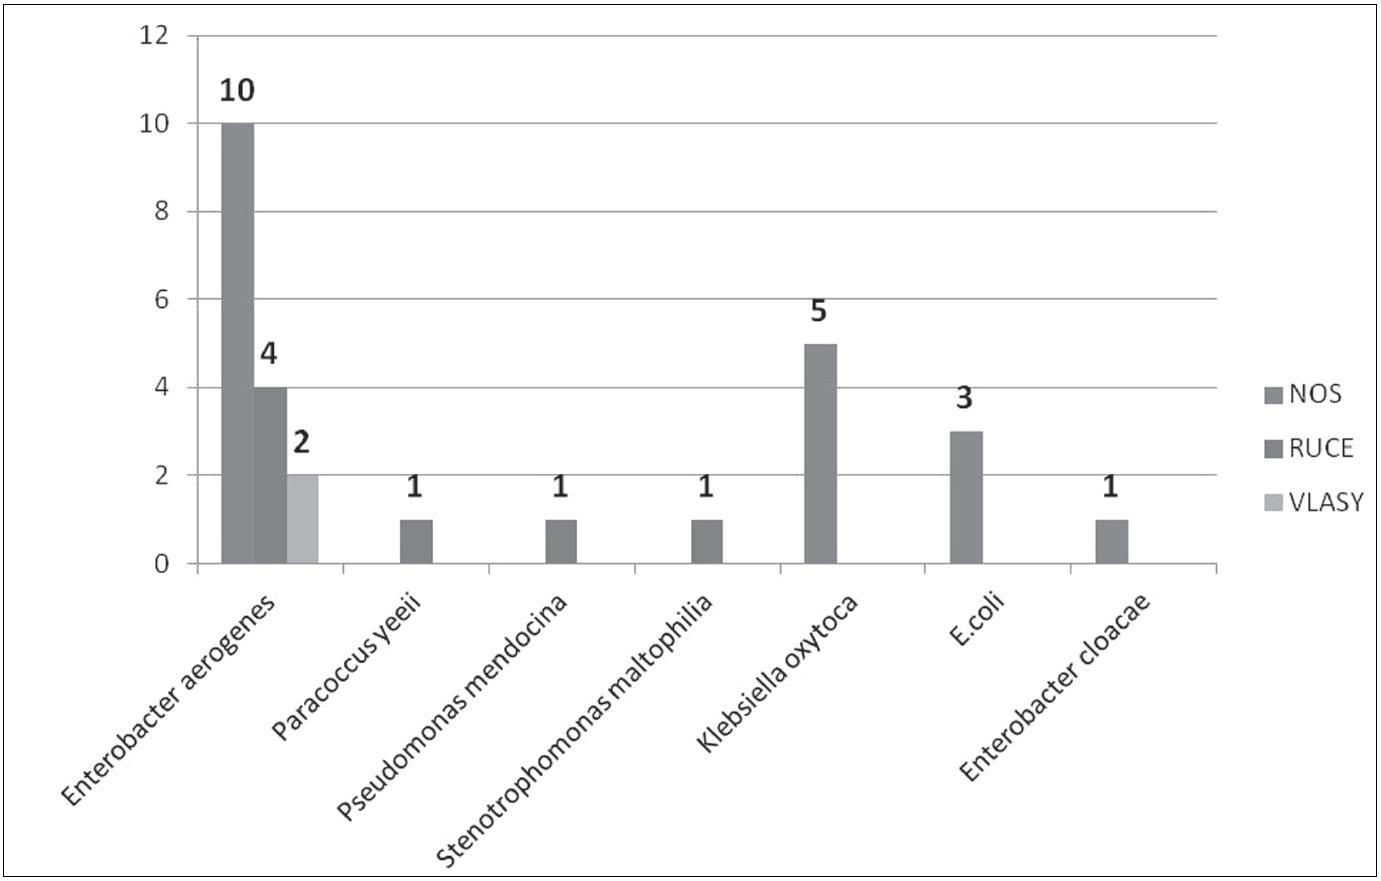 Gramnegativní bakterie izolované od ošetřujícího personálu Fig. 3. Gram-negative bacteria recovered from health care providers